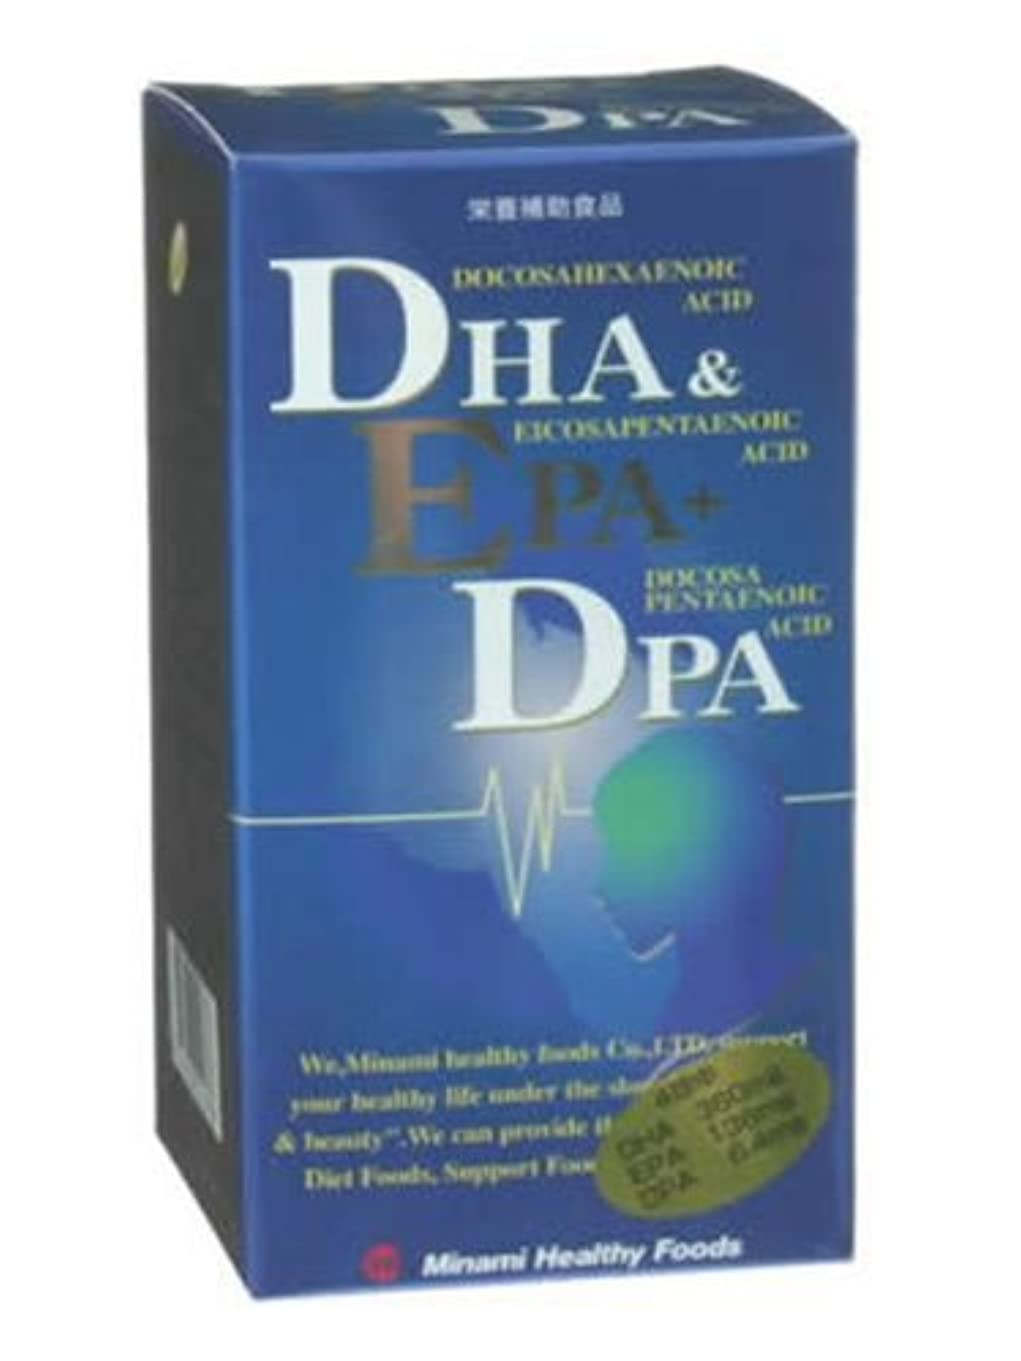 有益な反響する複数DHA&EPA+DPA 120粒 約30日分